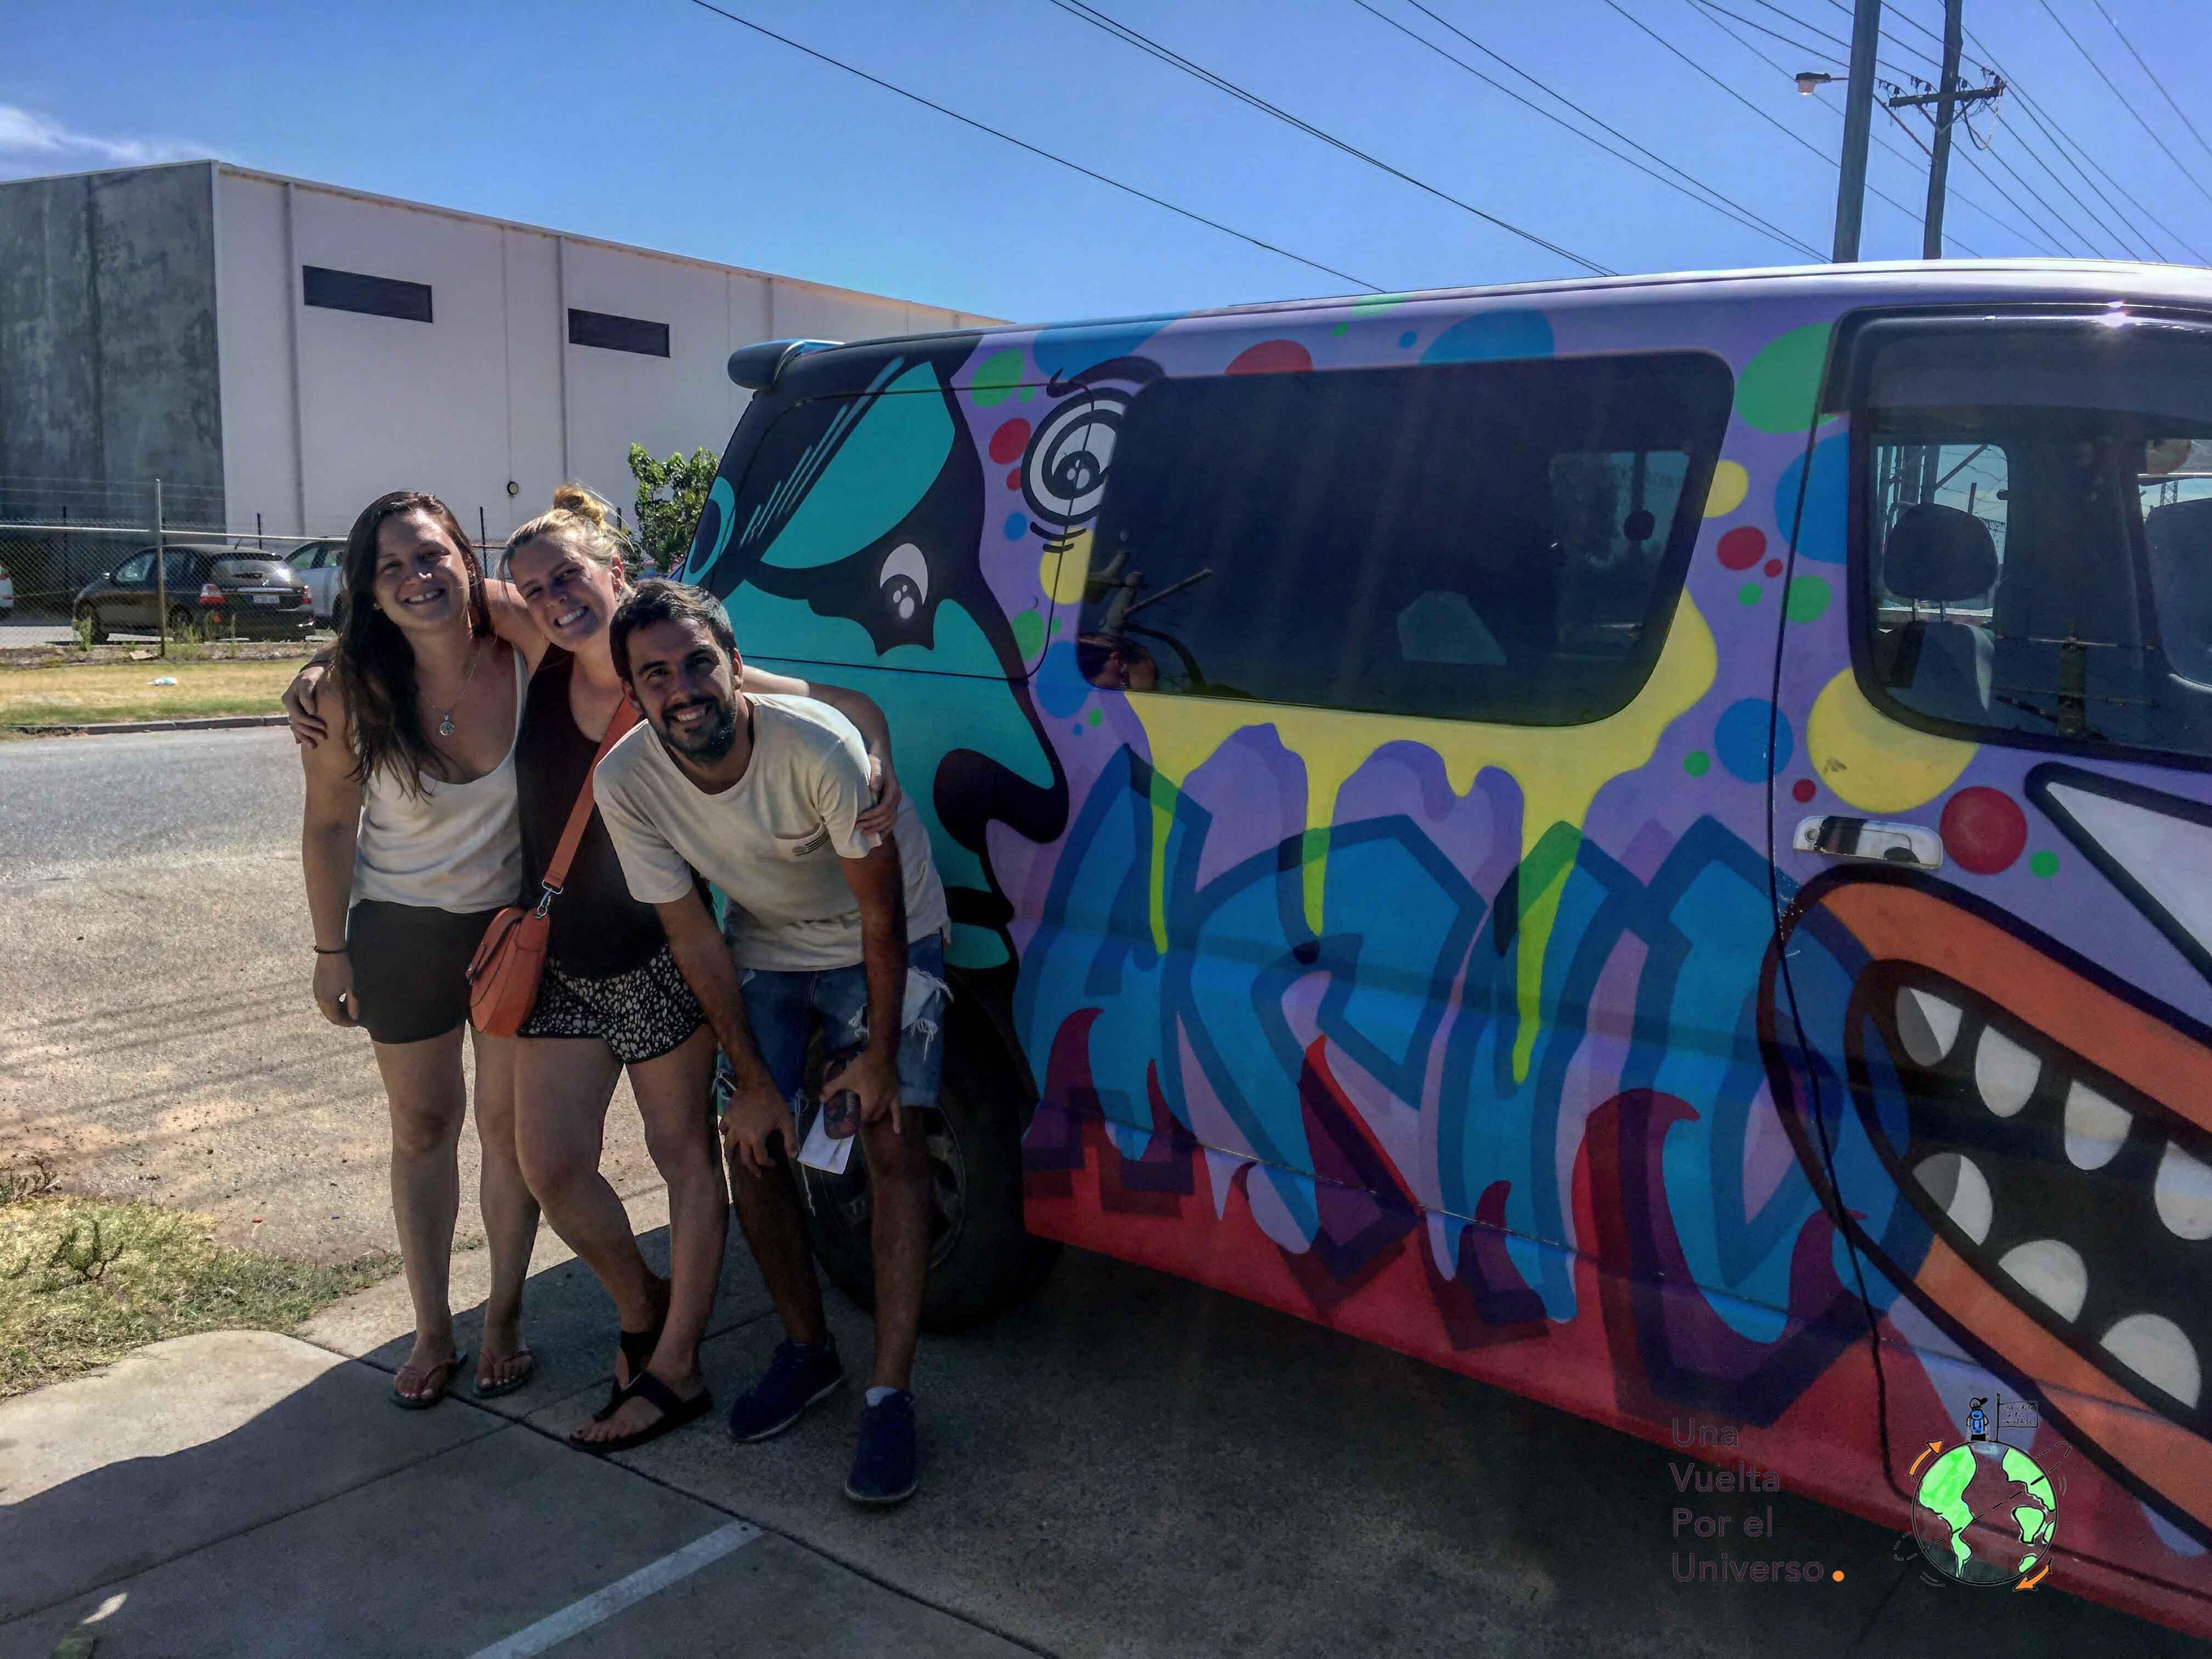 En Australia vino una amiga de Agos y preferimos alquilar una Van y recorrer lo que nosotros quisiéramos, en el tiempo que quisiéramos